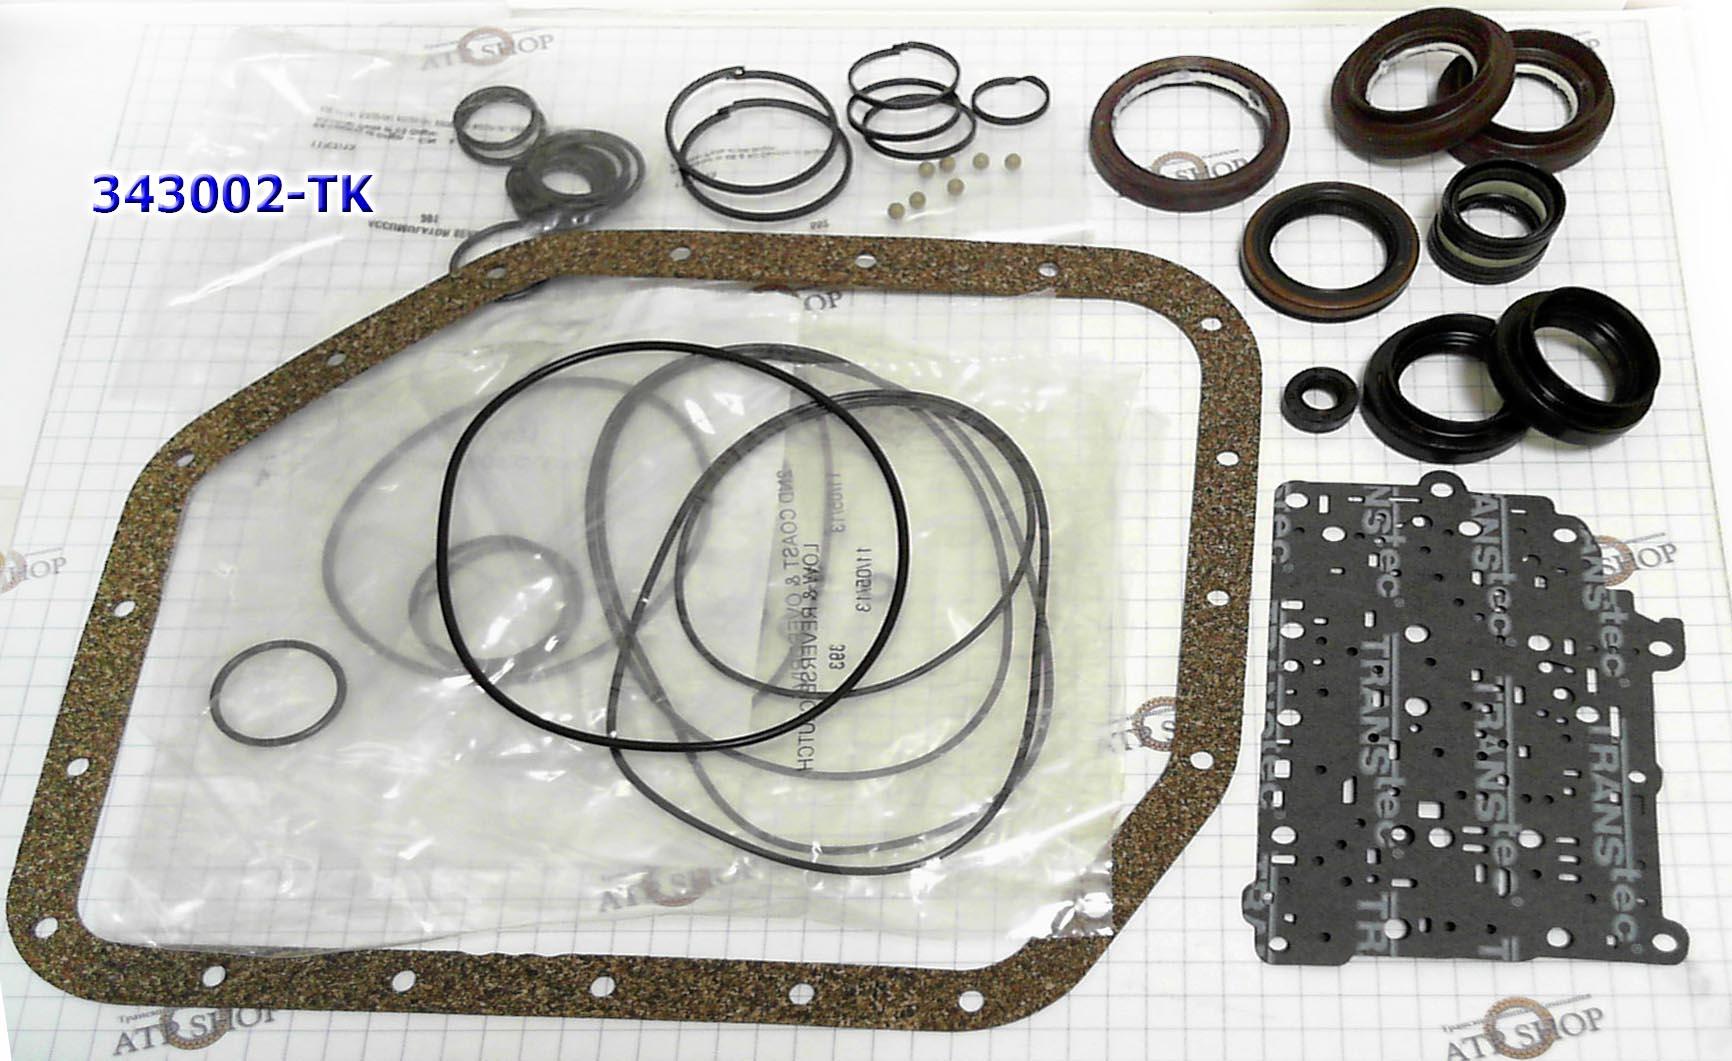 Комплект Прокладок и Сальников (Ремкомплект\ Оверол кит\ Overhaul Kit), U340/341E без поршней 2000-up